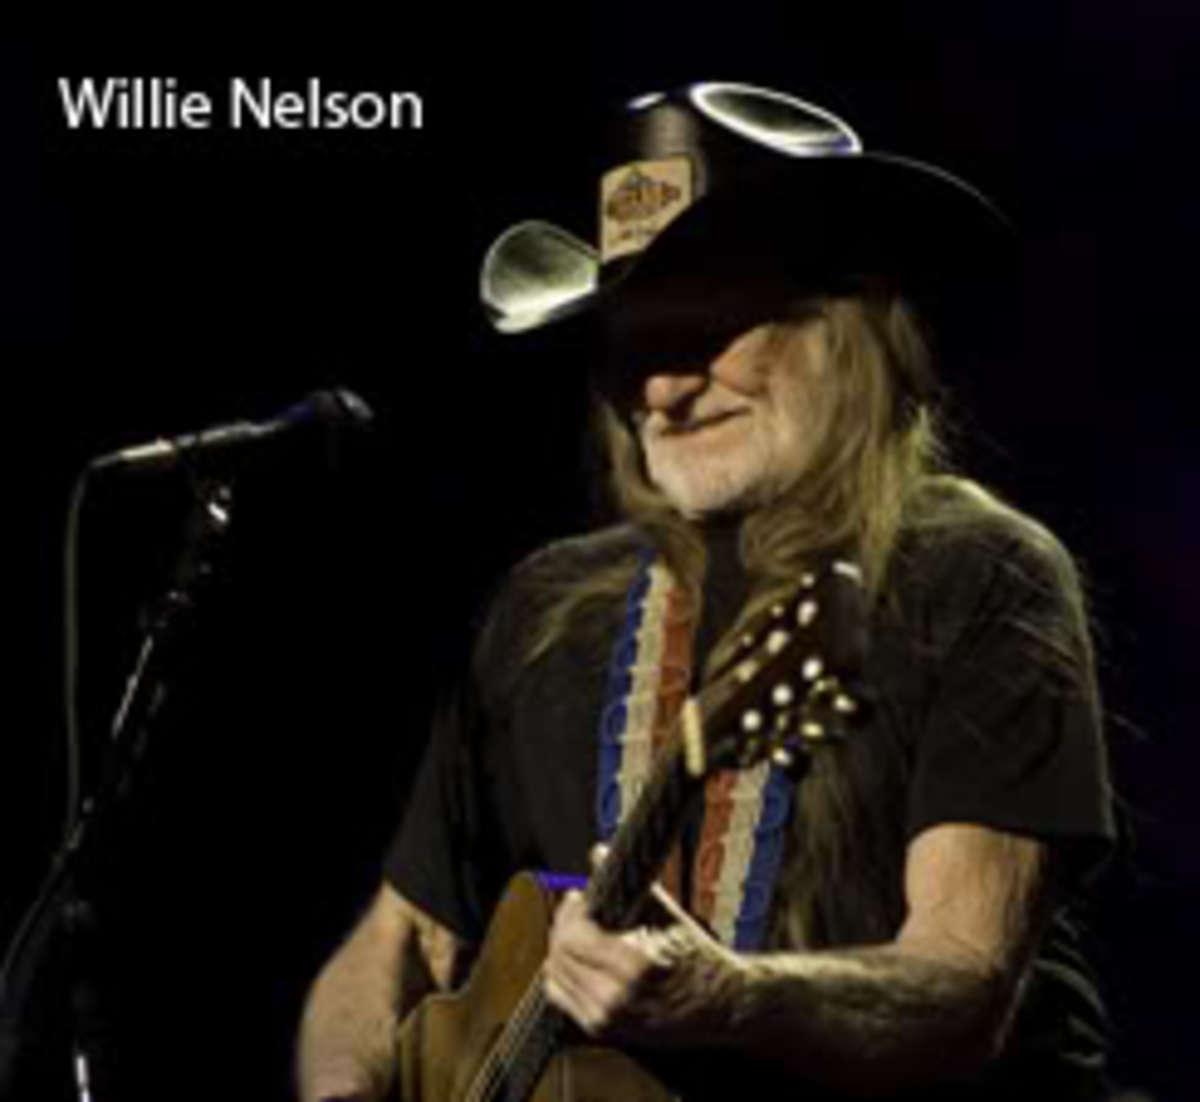 WillieNelson1